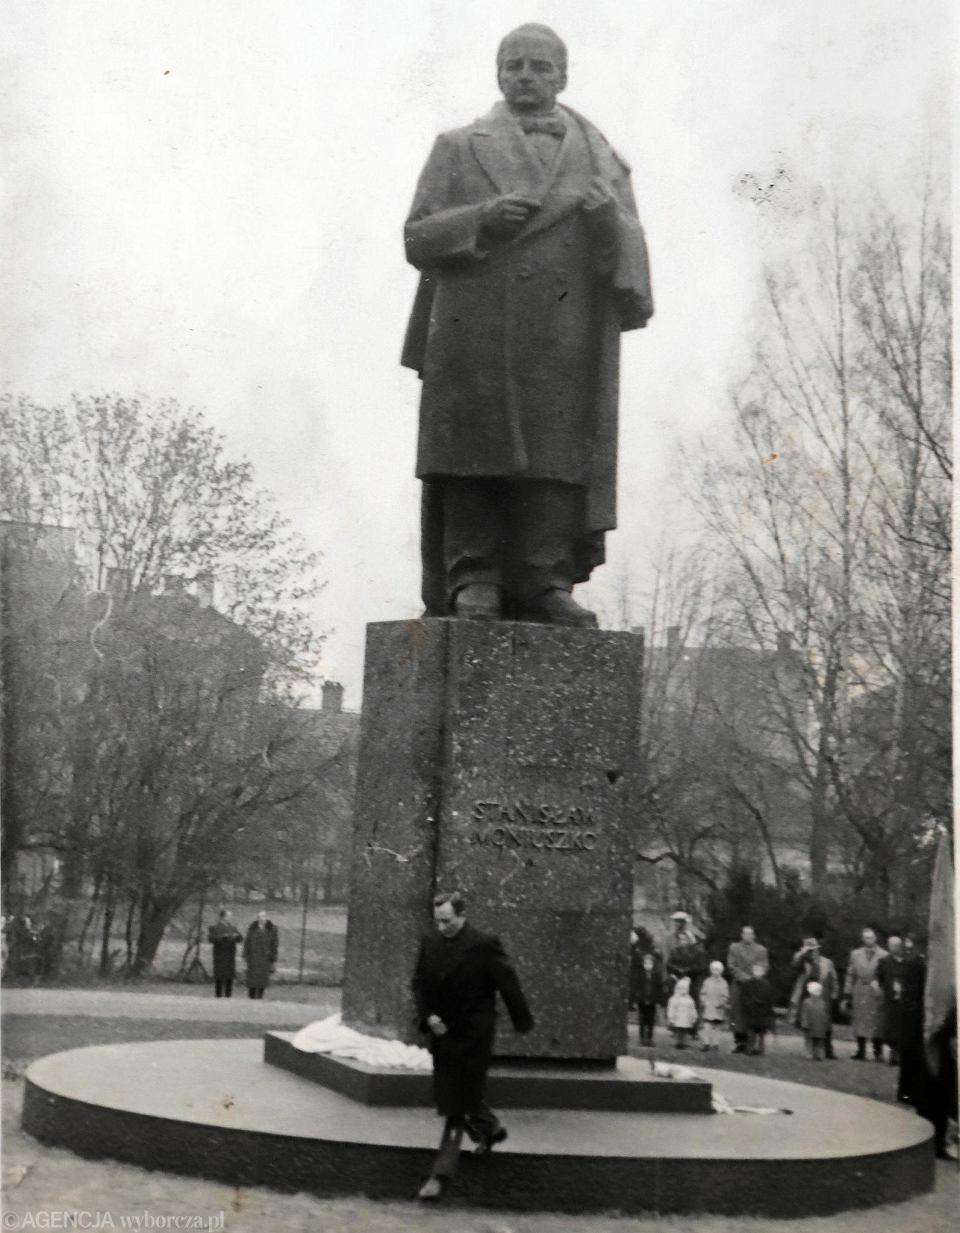 Pomnik Stanisława Moniuszki w parku 3 Maja w Częstochowie. Zdjęcie z archiwum rodziny Stefana Policińskiego